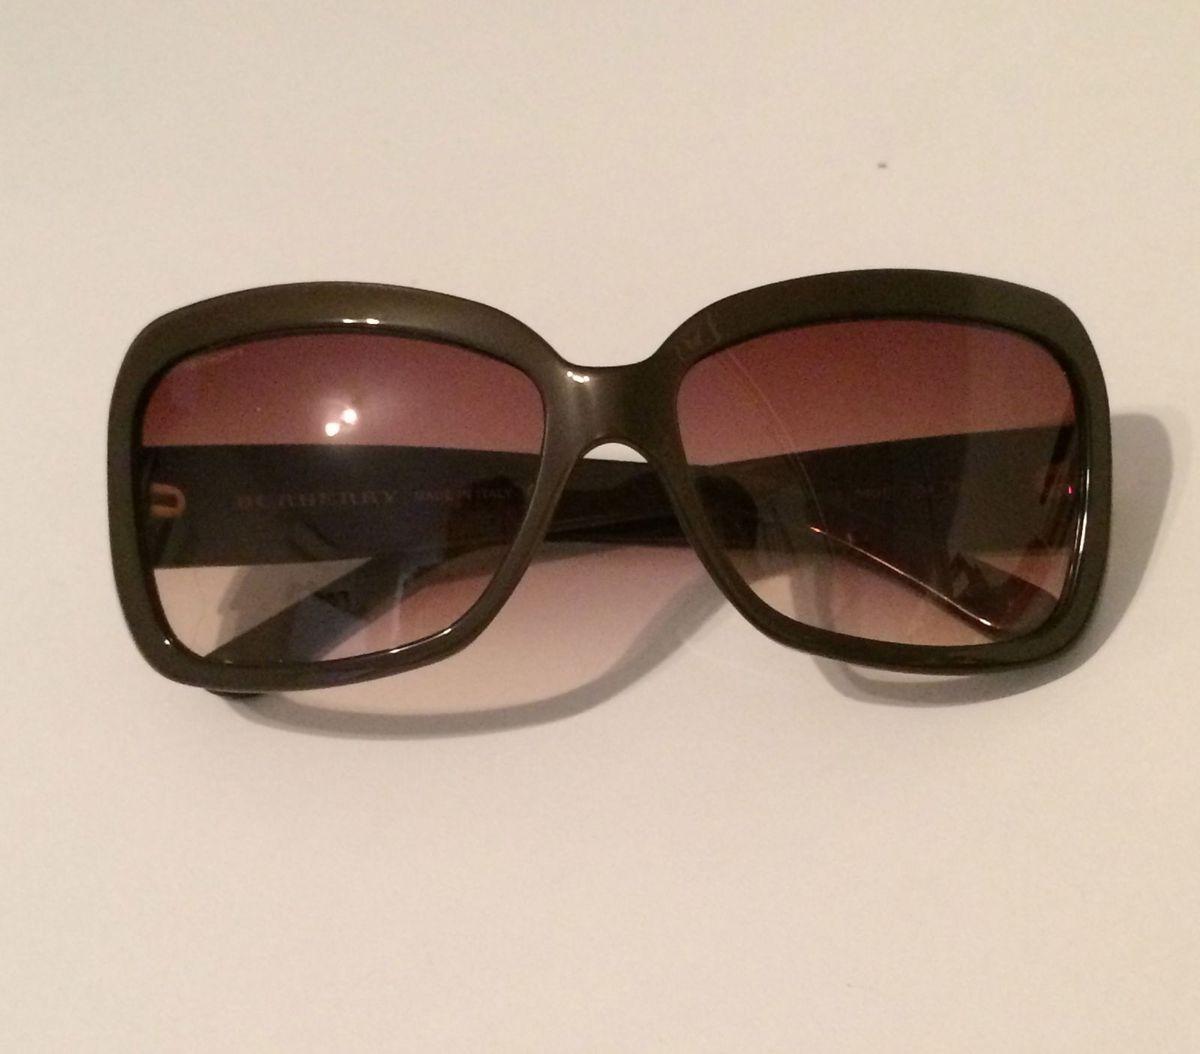 0e2297575b793 burberry - óculos burberry.  Czm6ly9wag90b3muzw5qb2vplmnvbs5ici9wcm9kdwn0cy8yotu5nzyvote2nthimtflndixzjnmntkwognmnmfkmzc5ntlkmjkuanbn  ...